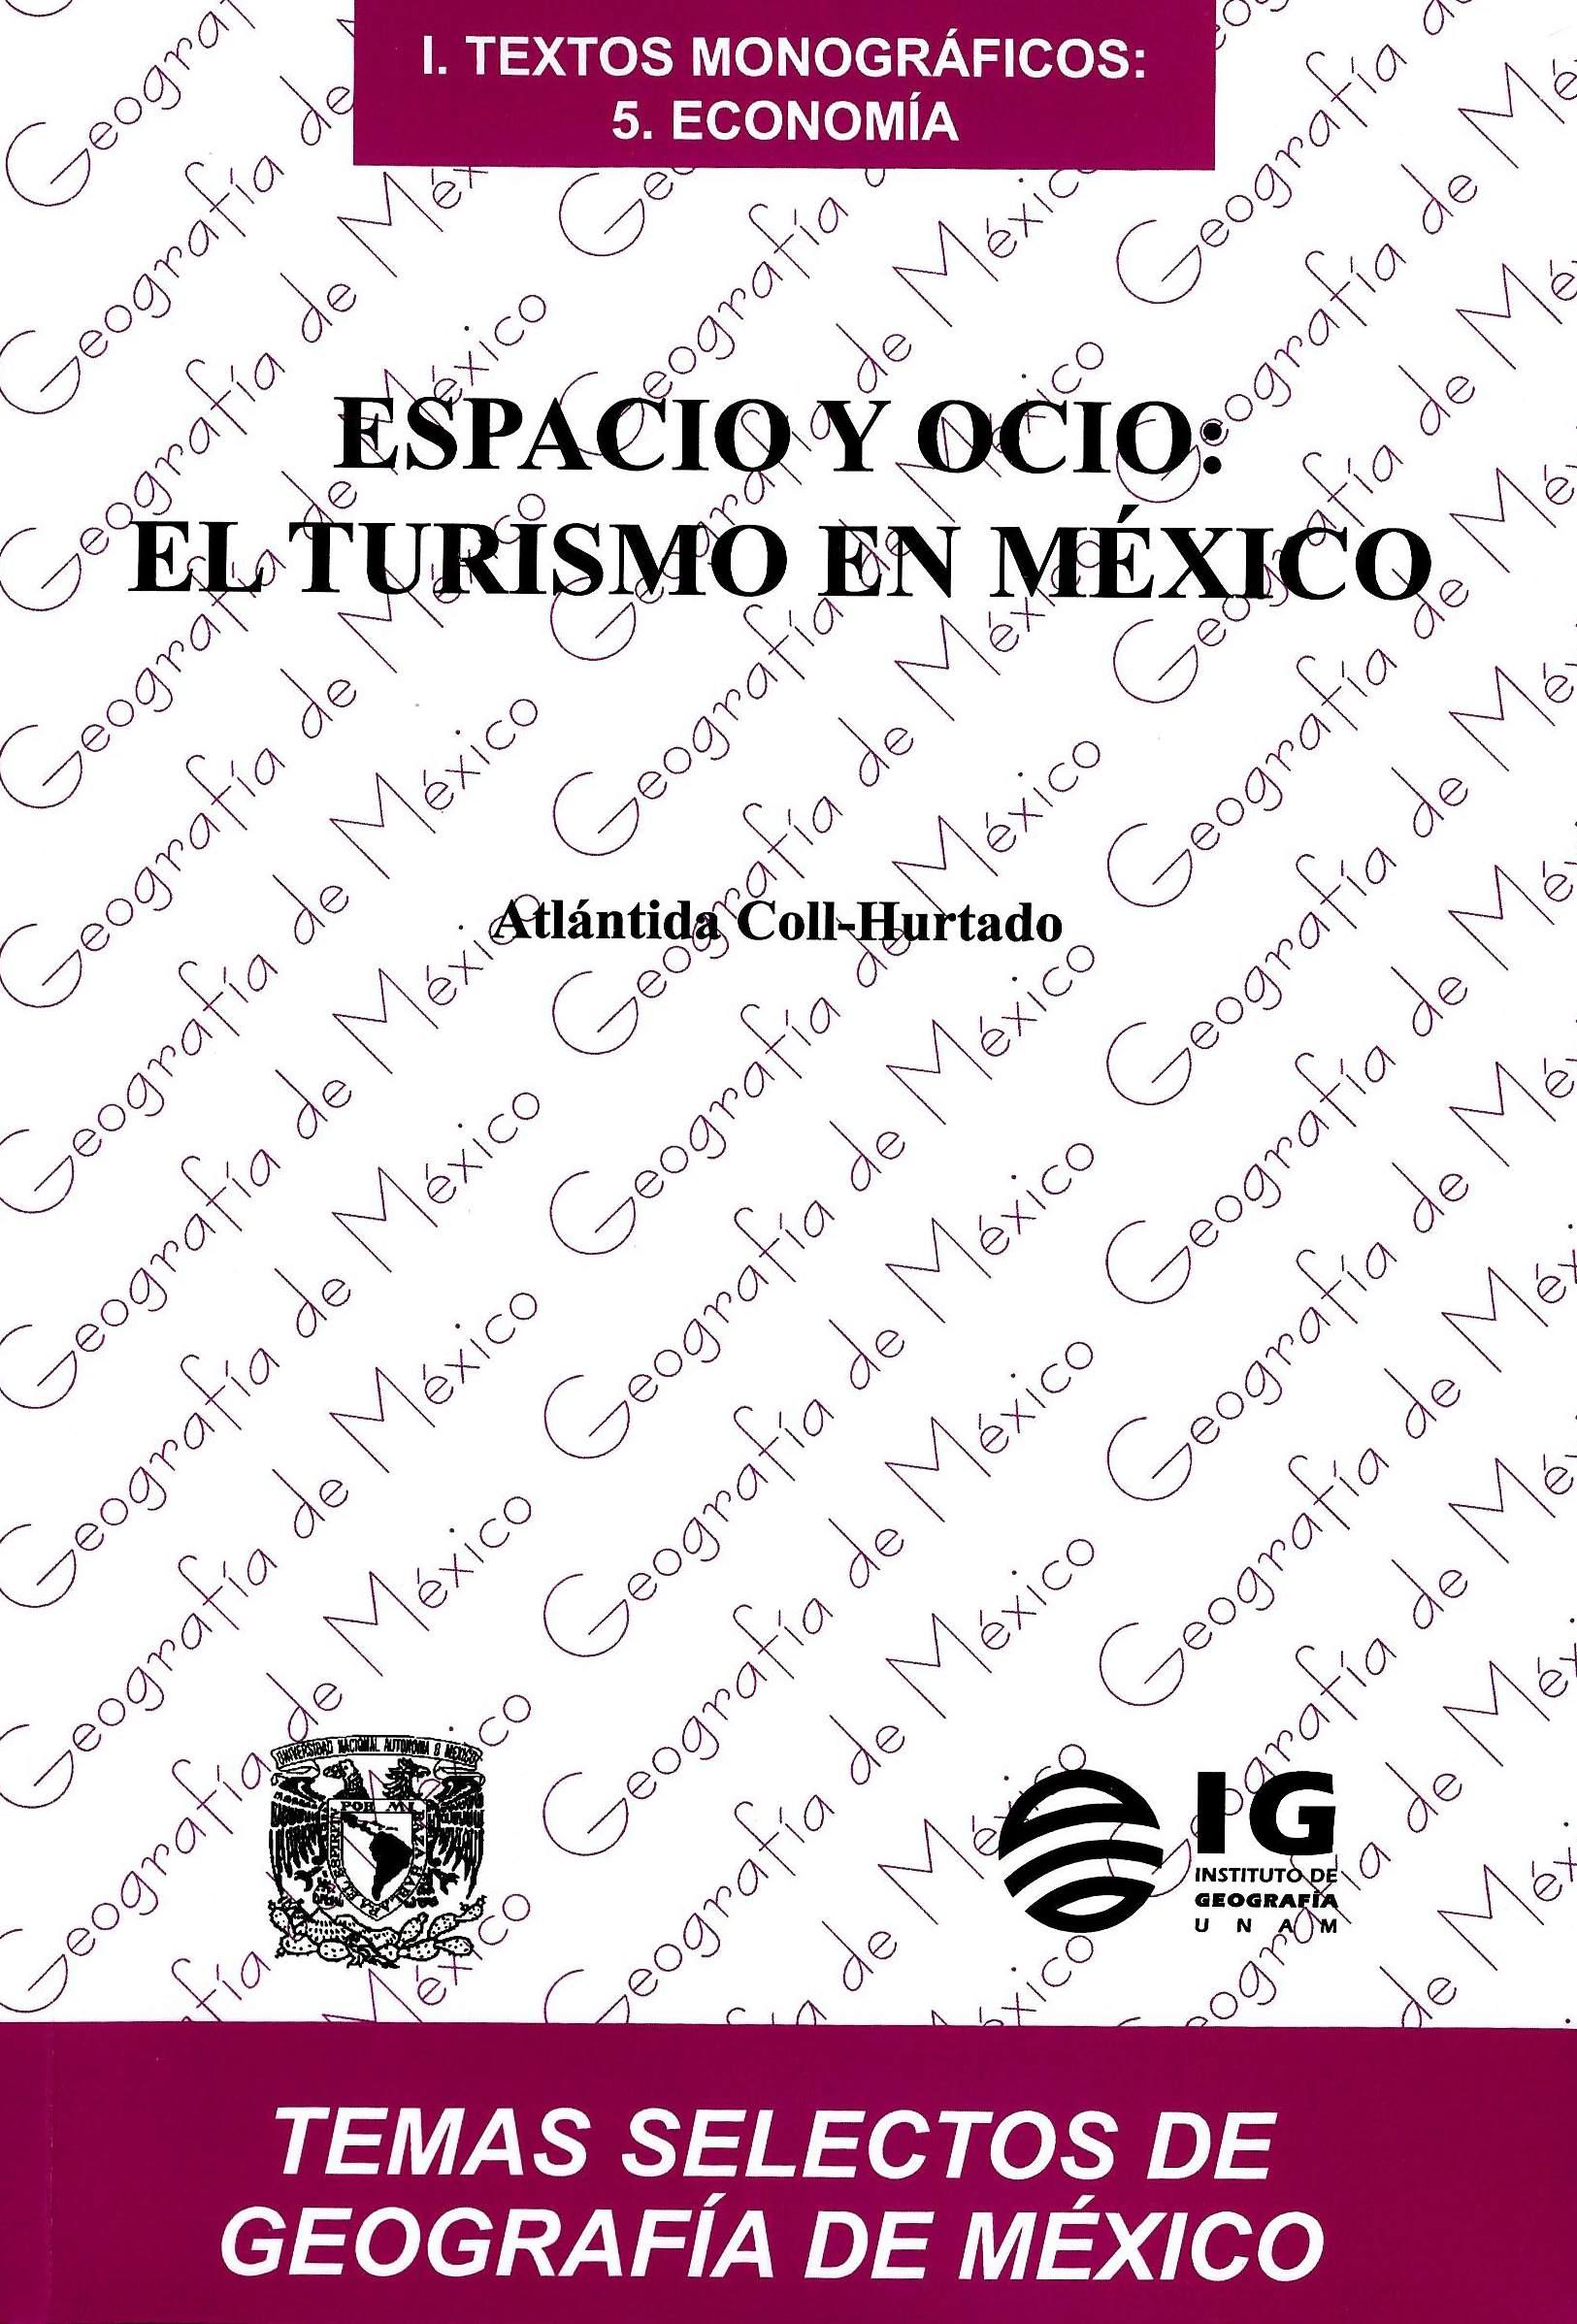 Espacio y ocio: el turismo en México